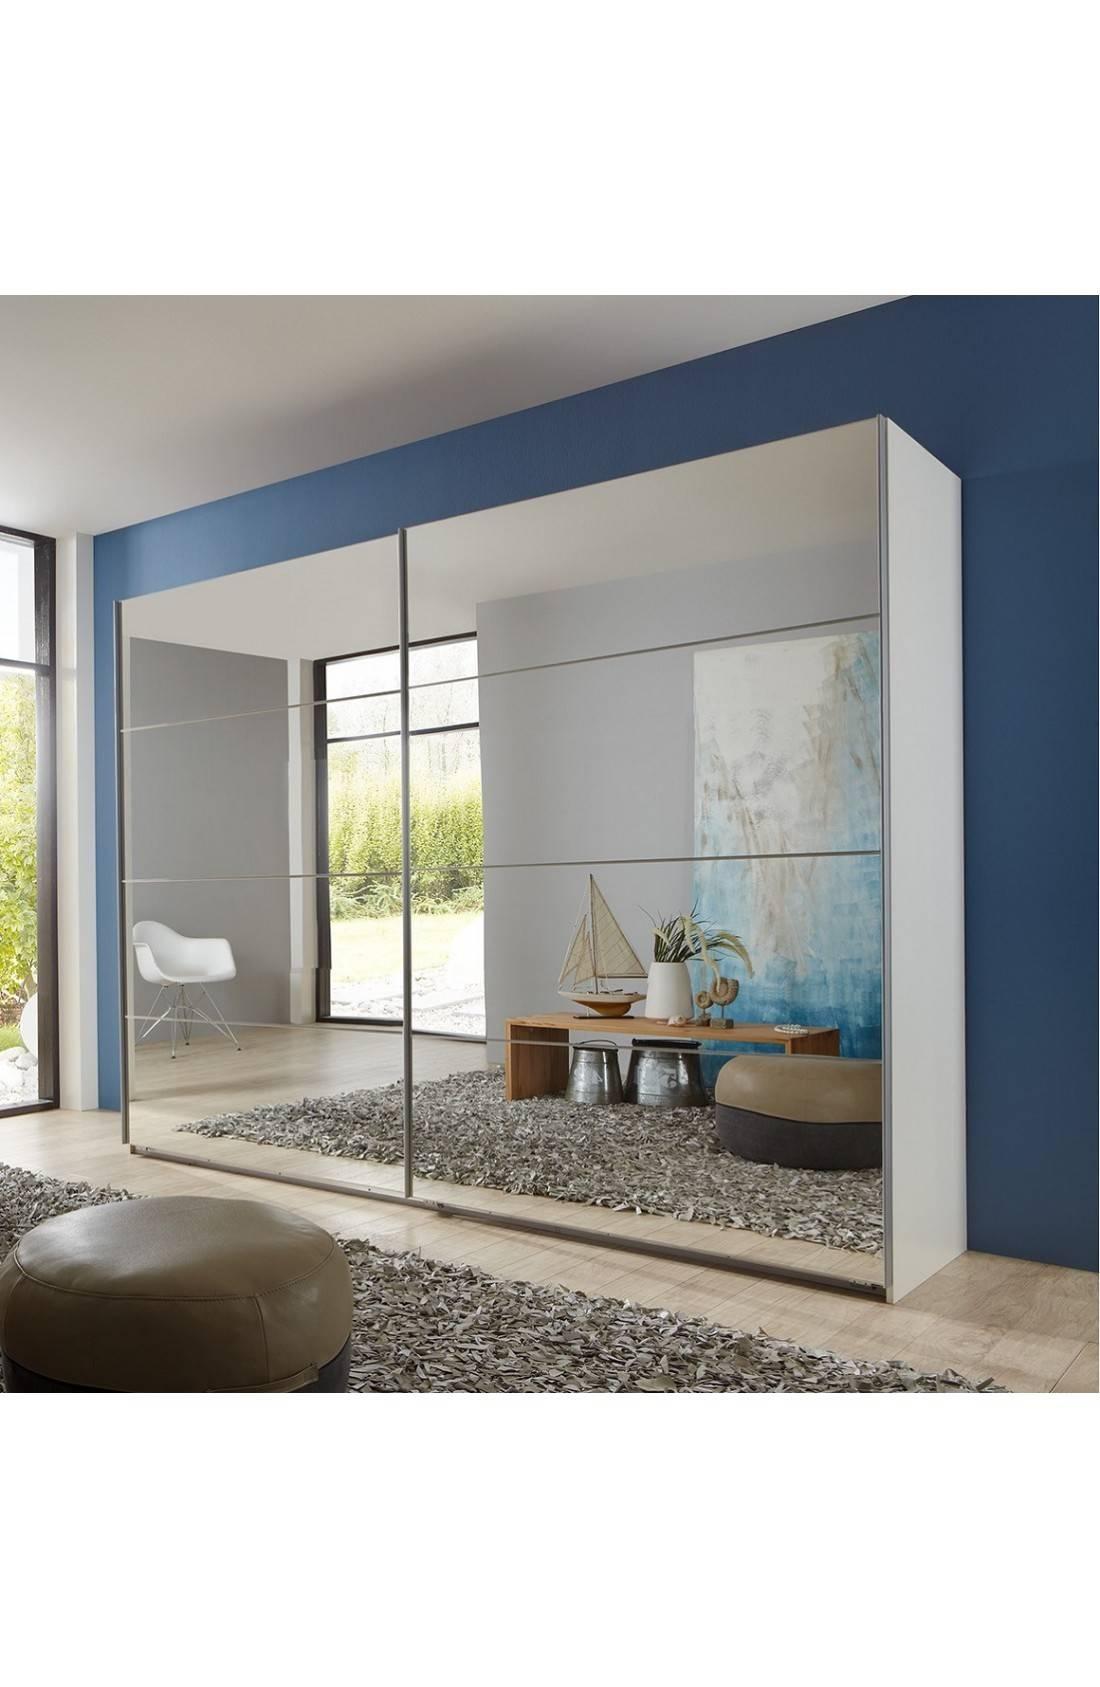 Slumberhaus 'eleganz' German Made Modern White & Full Mirror throughout Wardrobes With Mirror (Image 11 of 15)